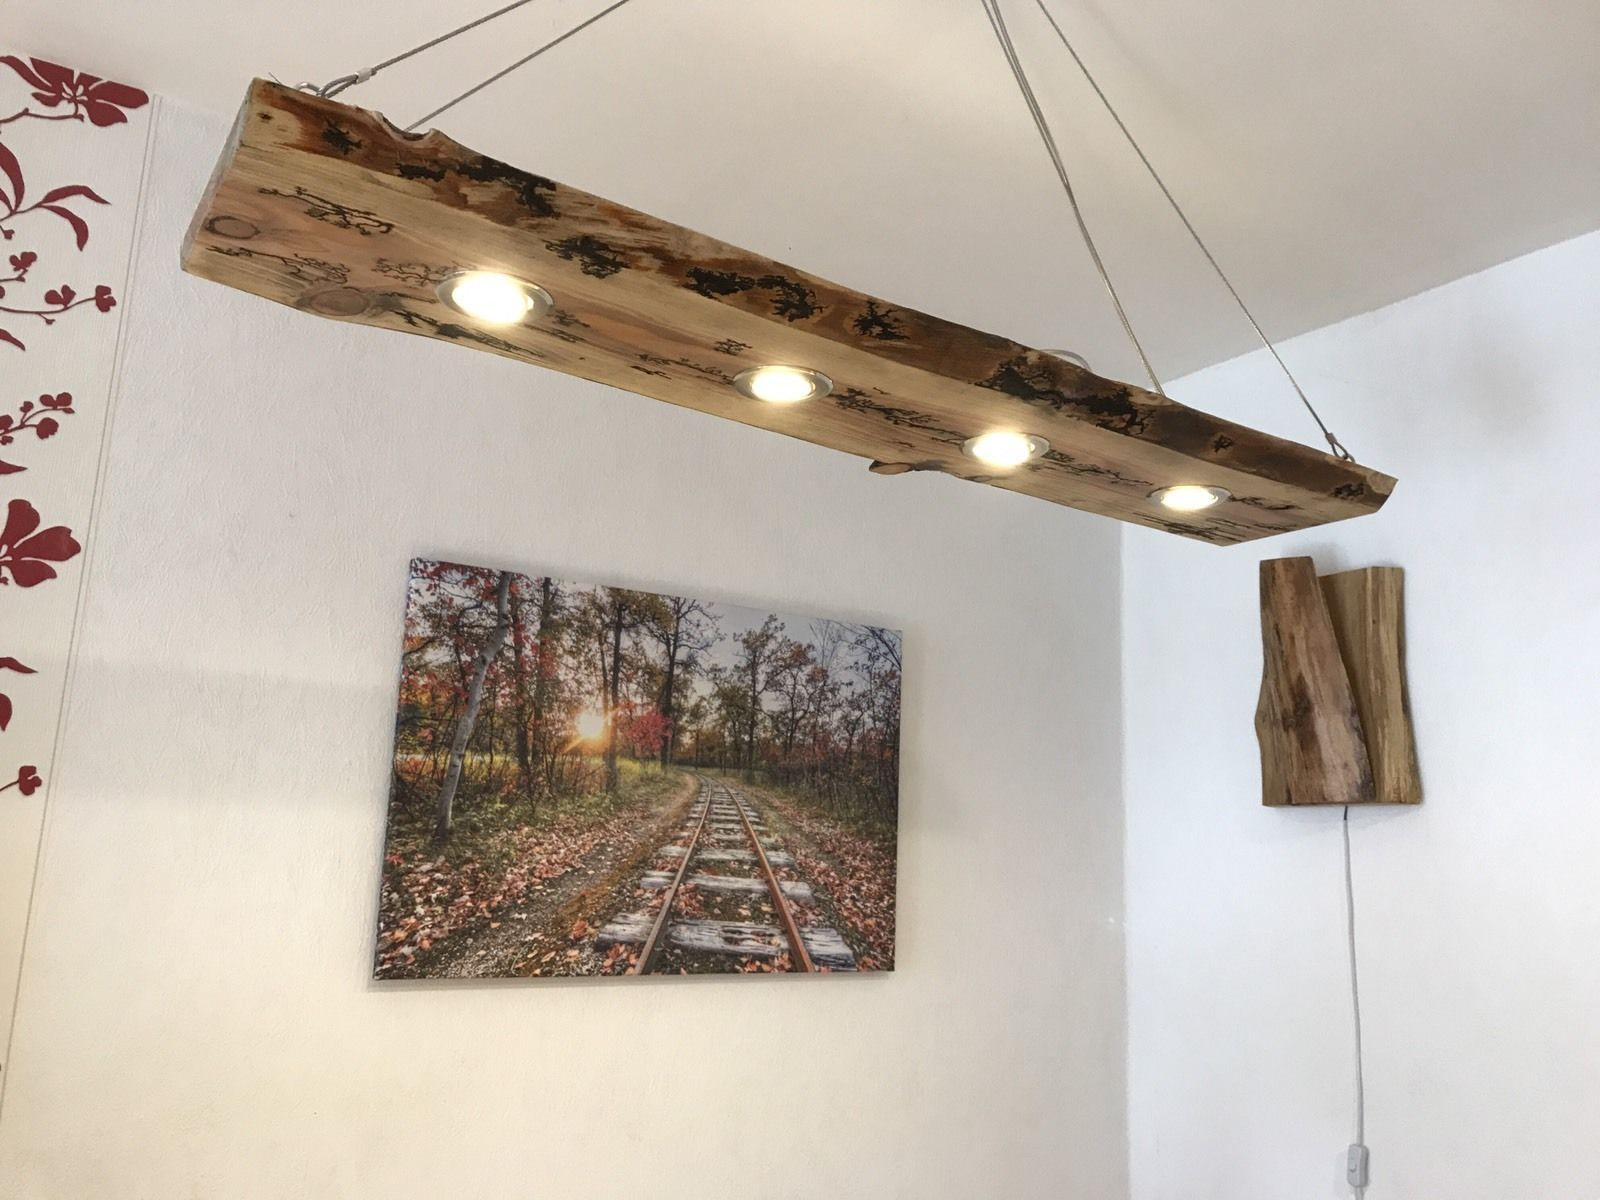 Led Decken Holz Lampe Rustikal 120cm 4x 7w Massivholz Lichtenberg Design Möbel Wohnen Beleuchtung Deckenlampen Lampe Deckenlampe Bad Beleuchtungsideen